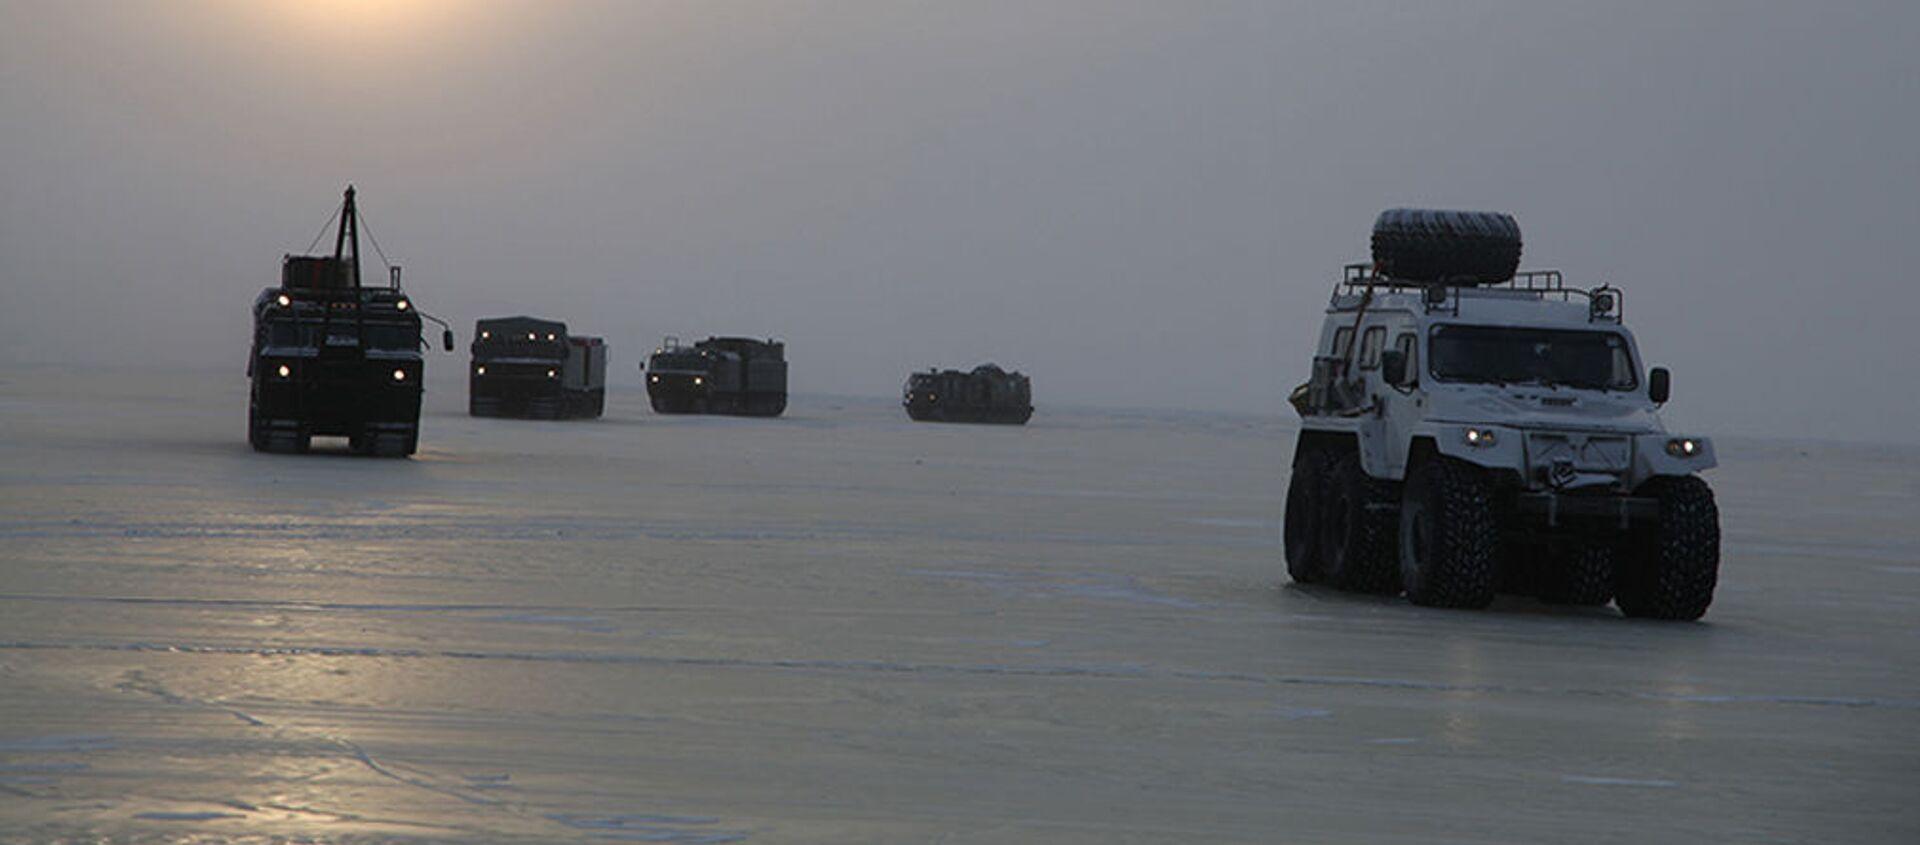 Nga bắt đầu thử nghiệm những thiết bị quân sự mới nhất dành cho Bắc Cực - Sputnik Việt Nam, 1920, 12.06.2021